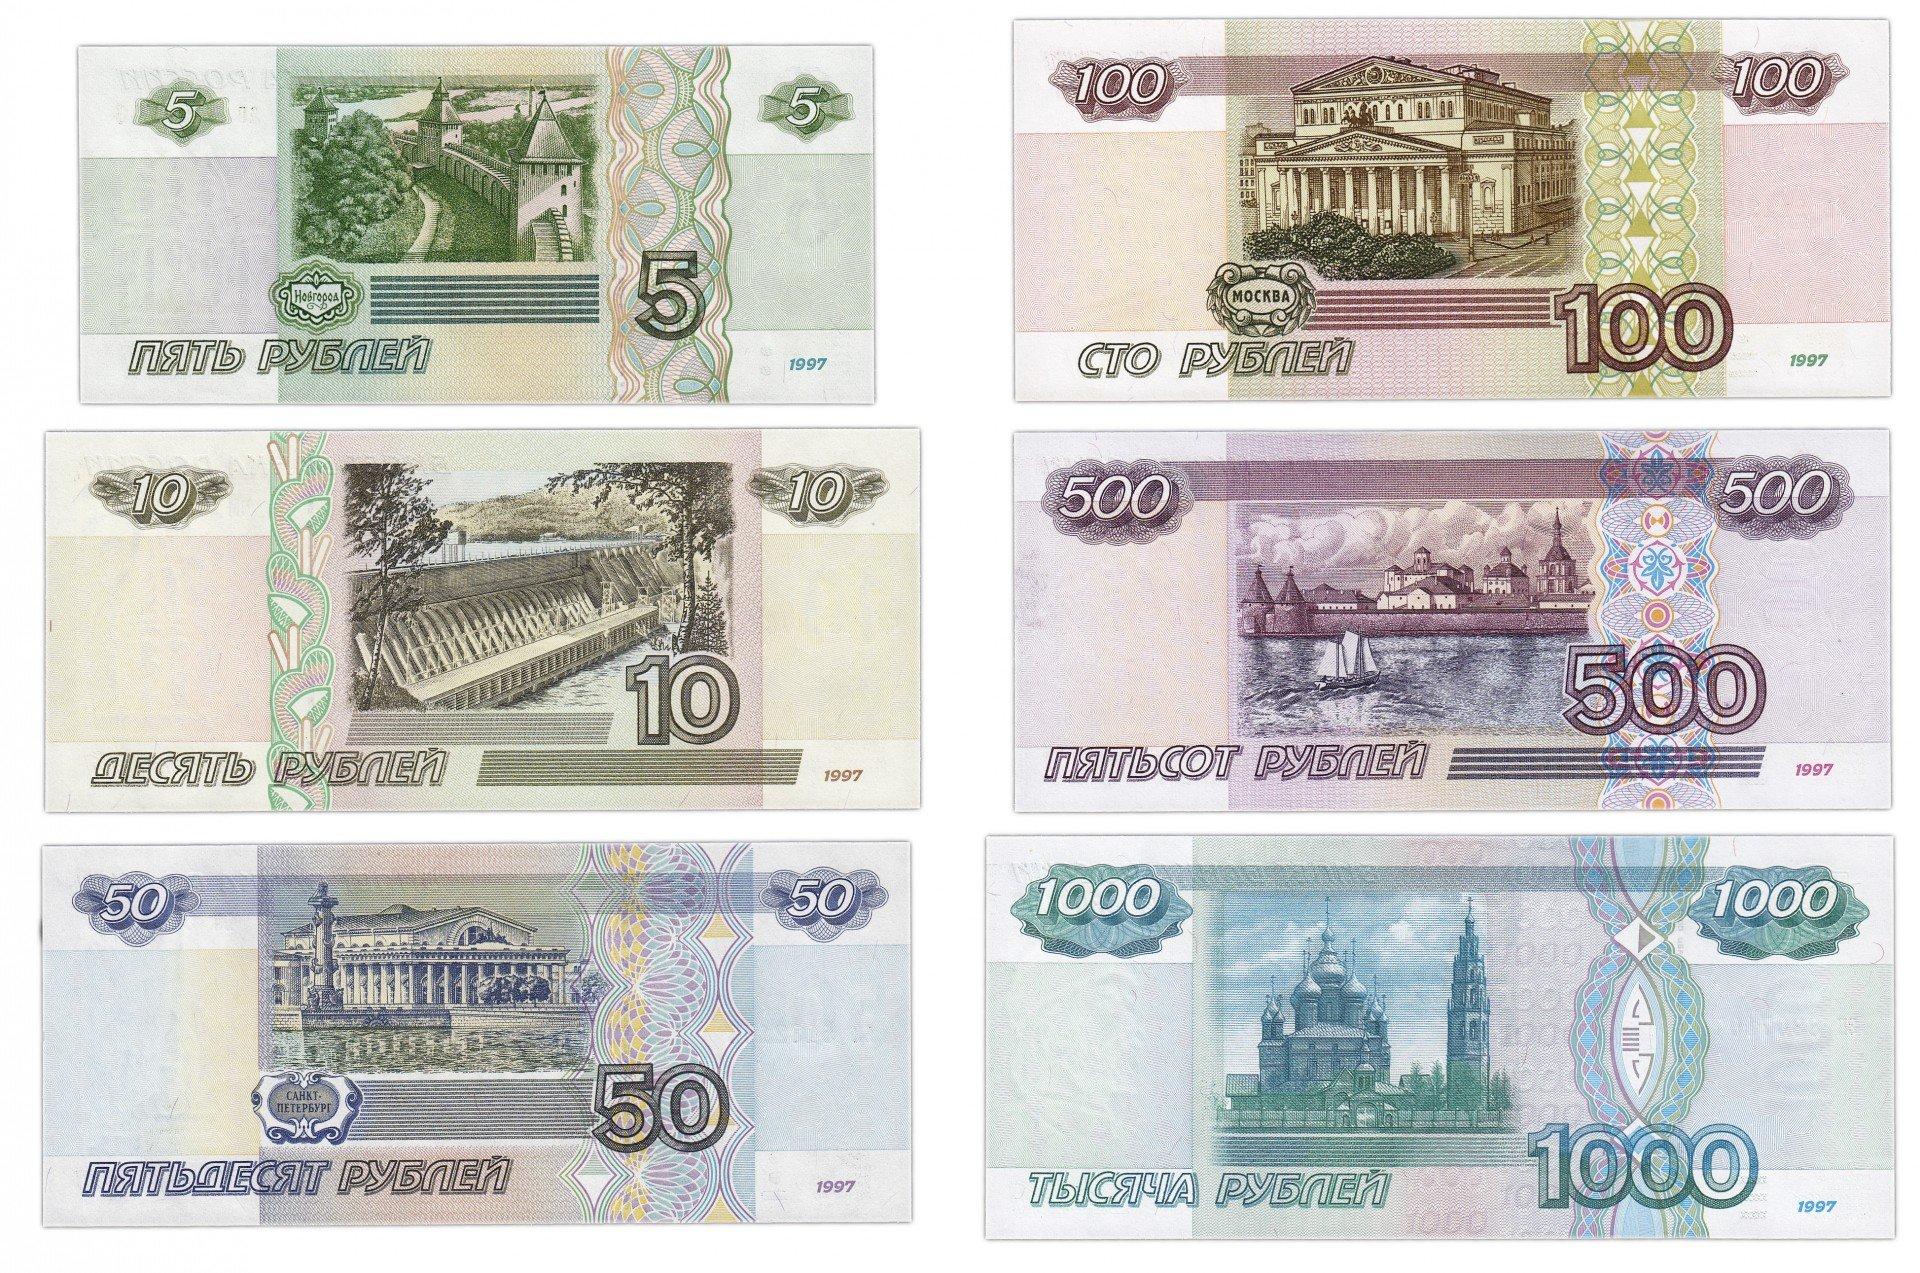 5 тысяч рублей без модификации цена самое дешевое термобелье